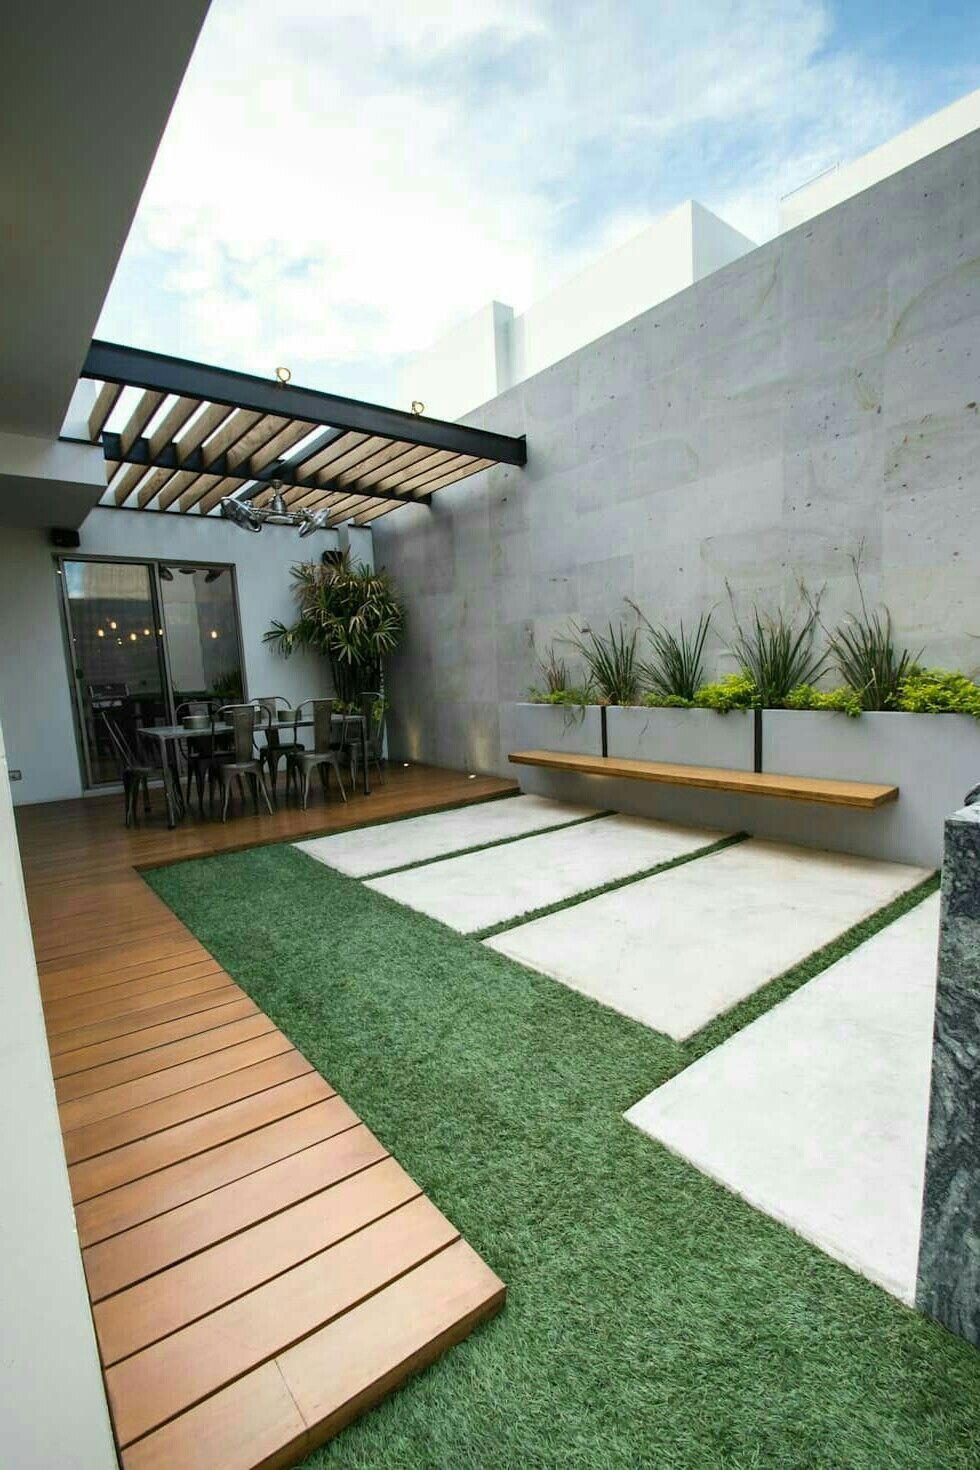 Duplex Courtyard En 2020 Diseño De Patio Patios Traseros